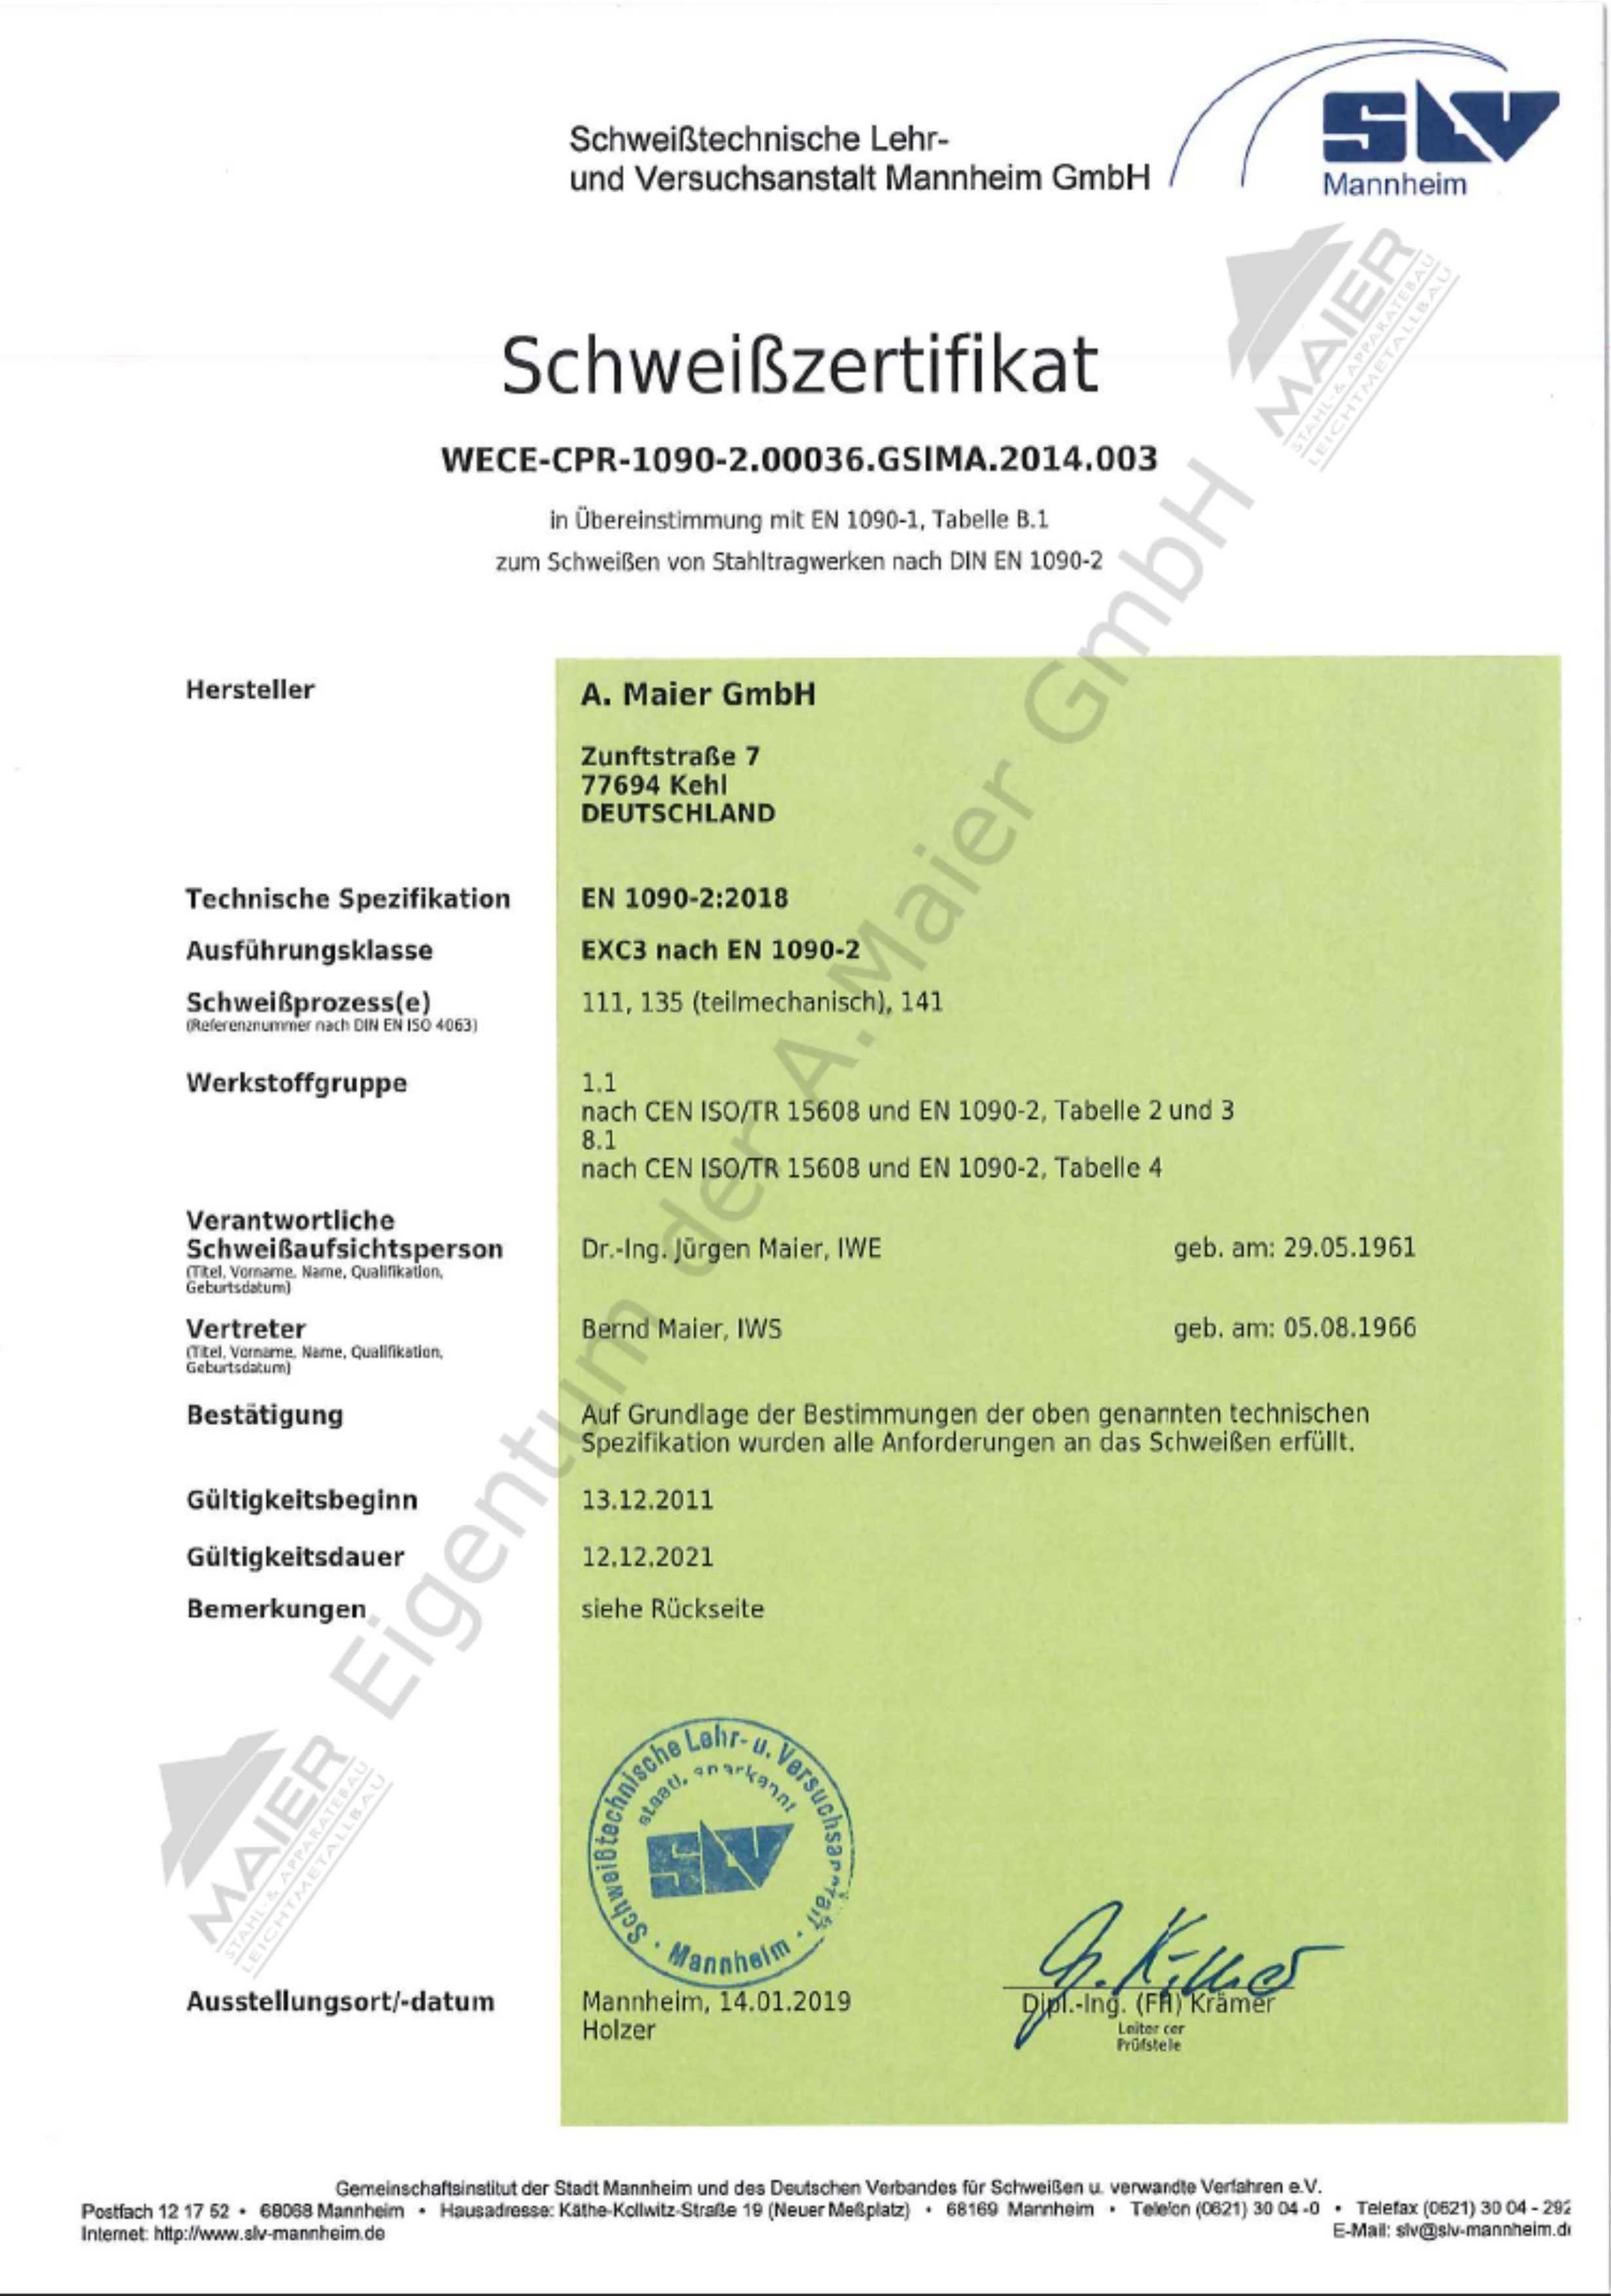 Schweisszertifikat Deutsch nach 1090 gültig bis 12.2021 mit Wasserzeichen